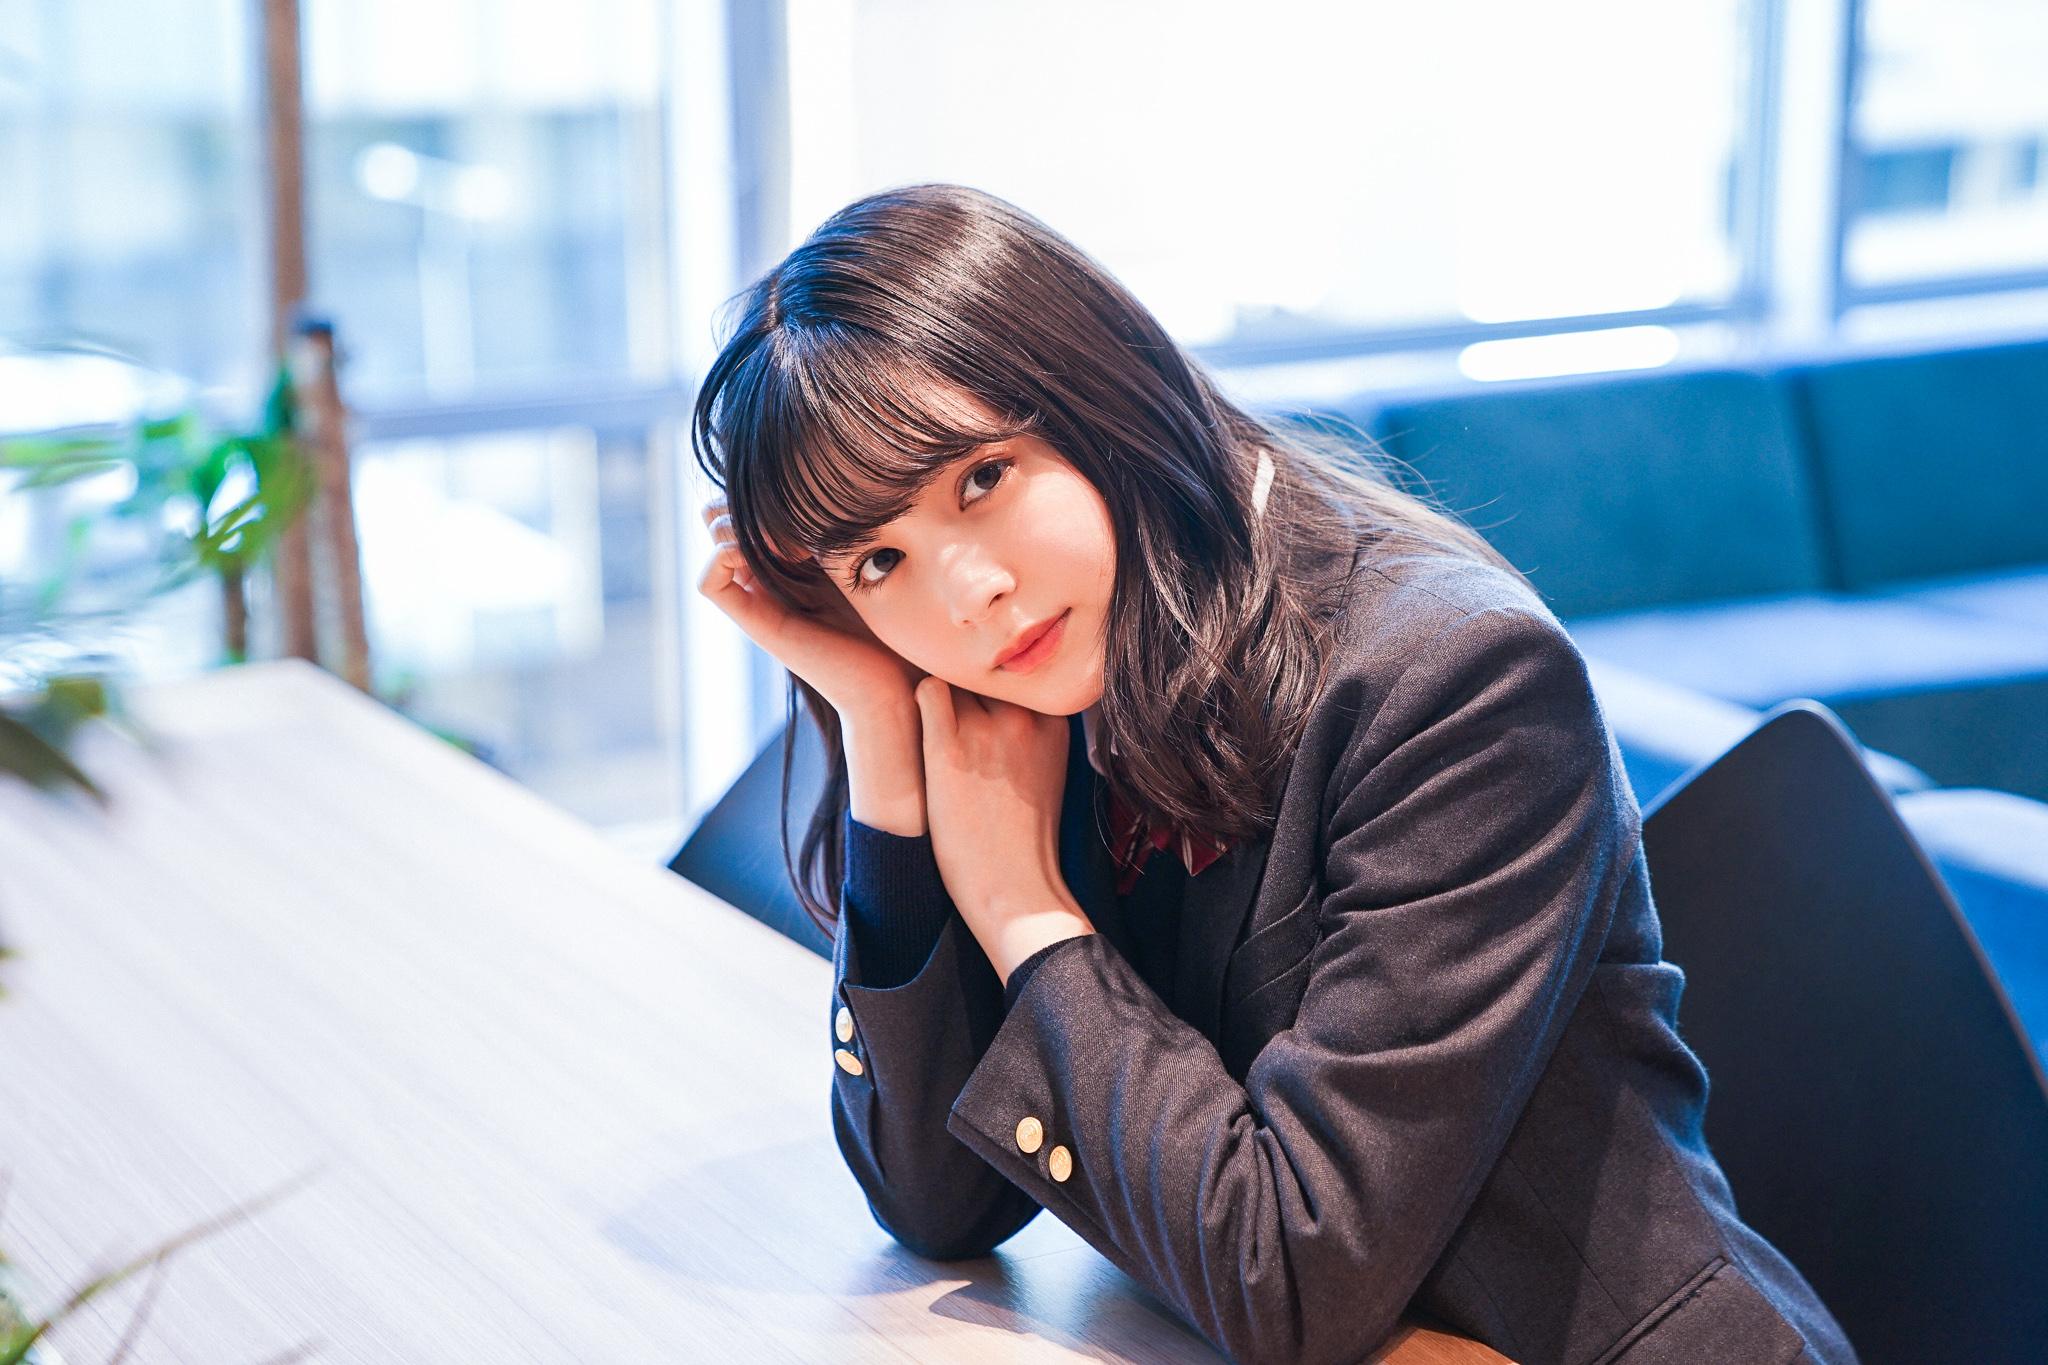 久間田琳加ちゃんインタビュー!今のお気に入りコスメも公開💄♡